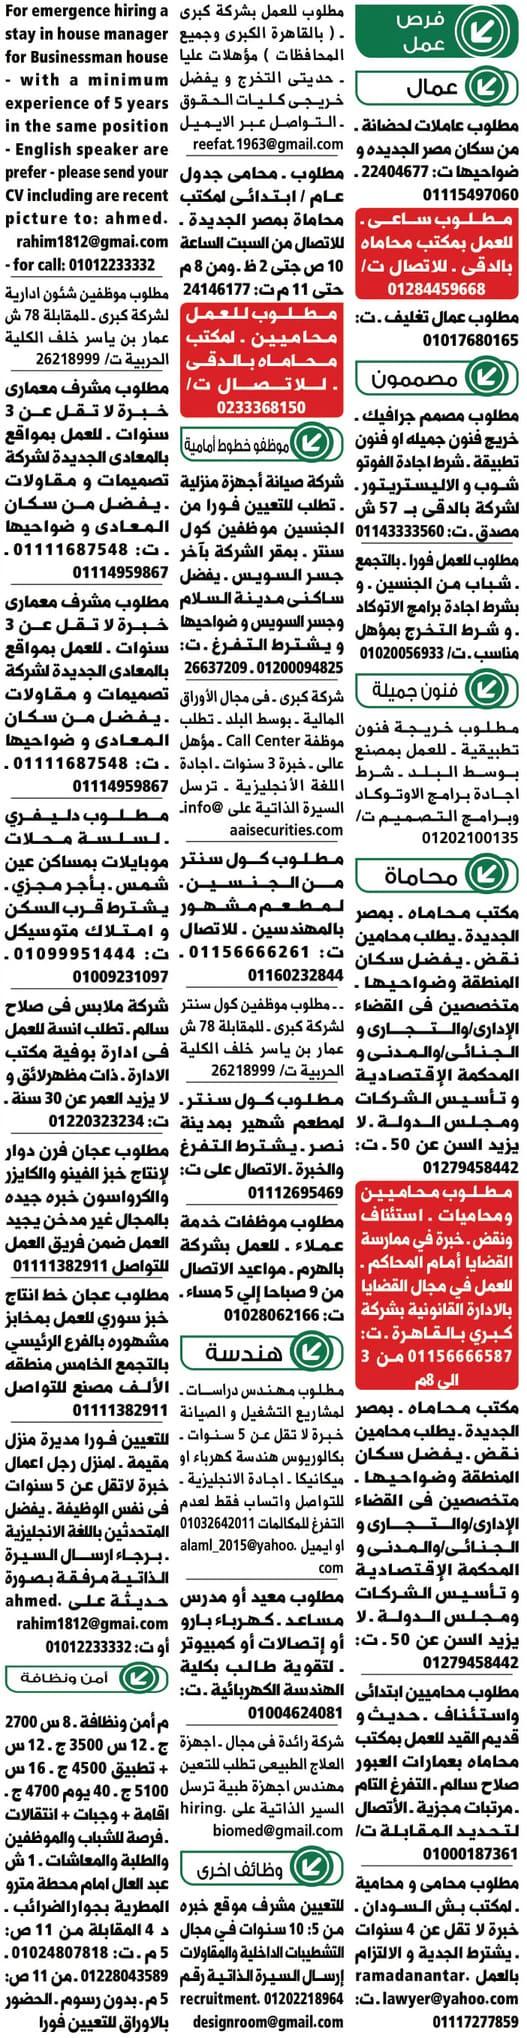 وظائف الوسيط اليوم القاهرة والجيزة الجمعة 1 مايو وظائف خالية 1 5 2020 وظيفة كوم وظائف اليوم